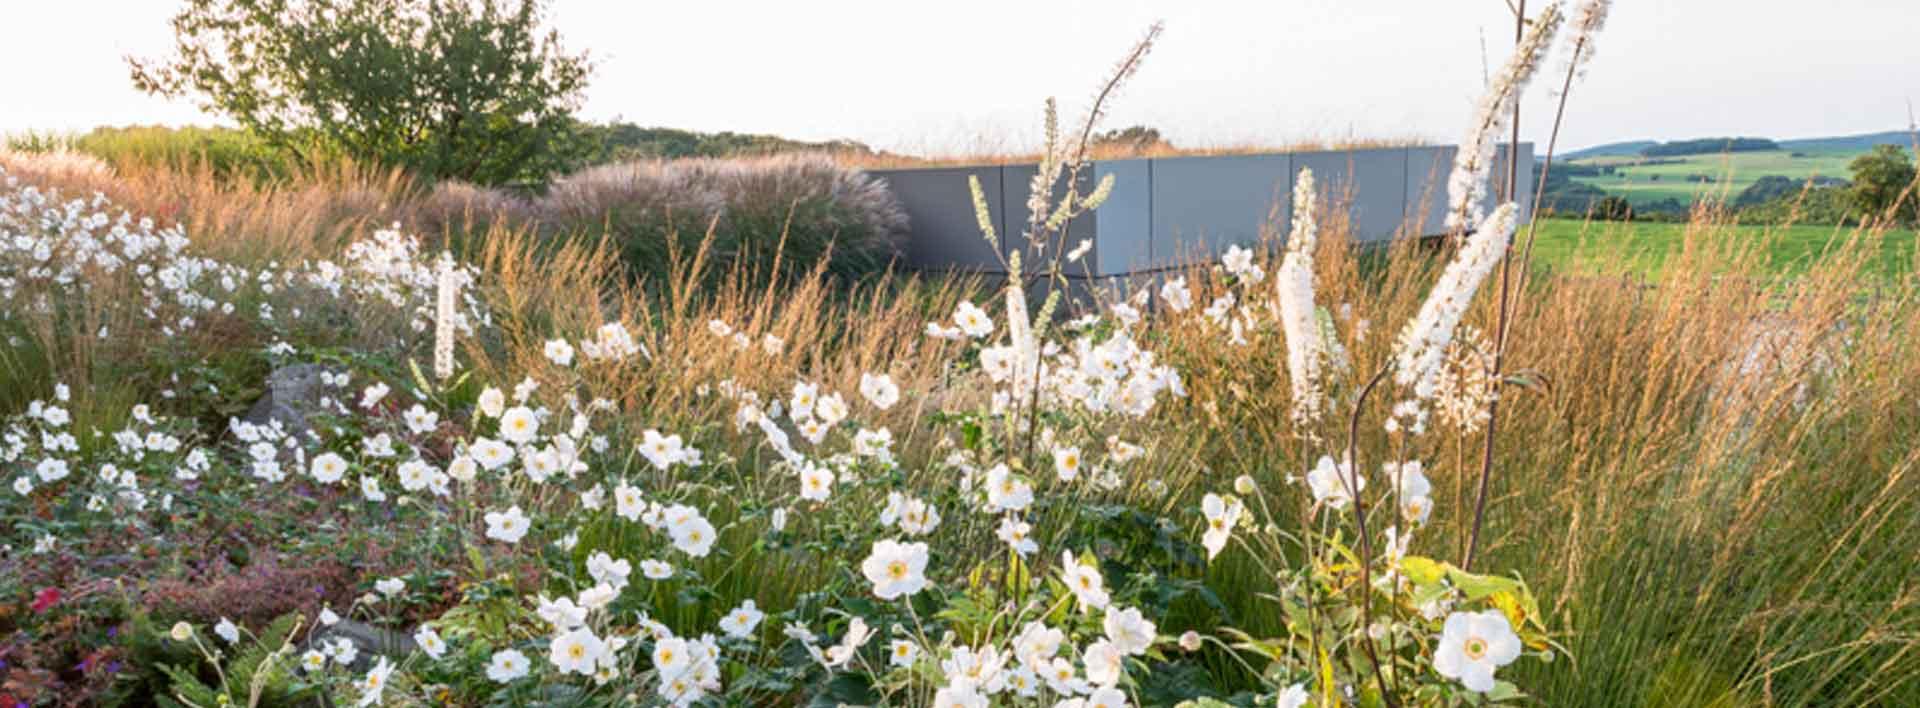 Gartenpflanzung mit Gräsern, Stauden und Gehölzen